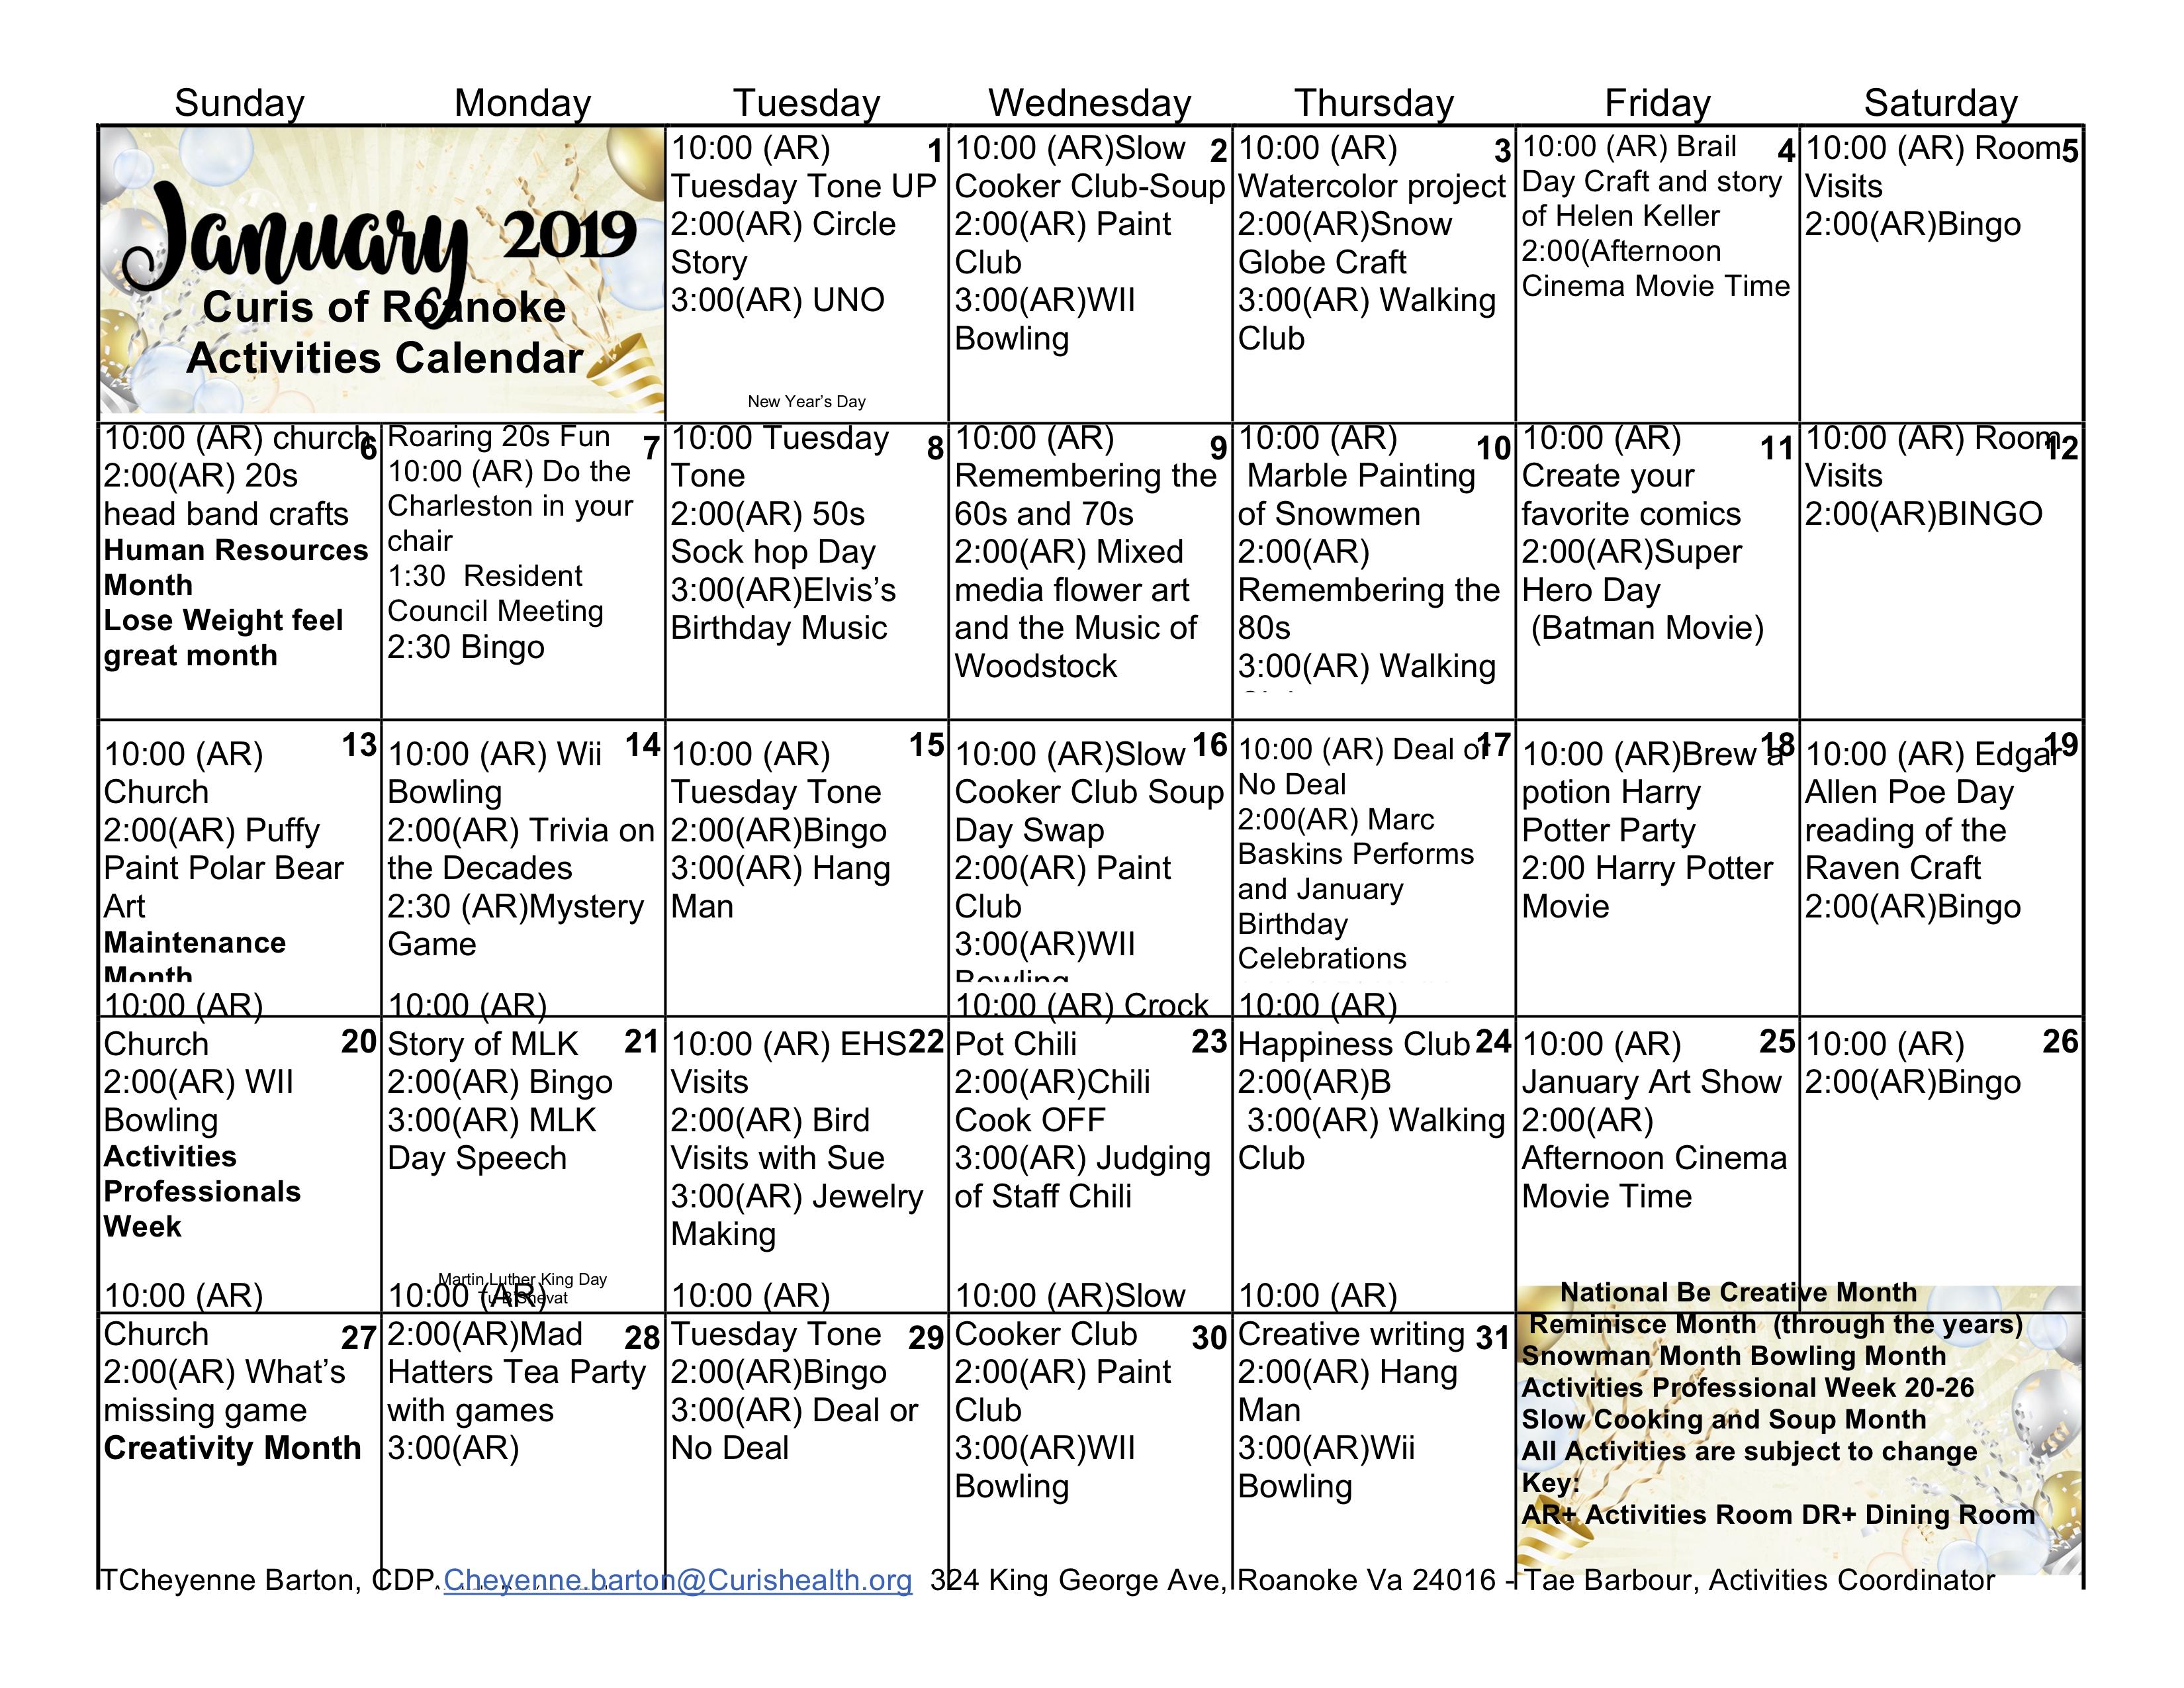 Curis Roanoke Activities Calendar January 2019 - Curis Roanoke 2019 Calendar 80S